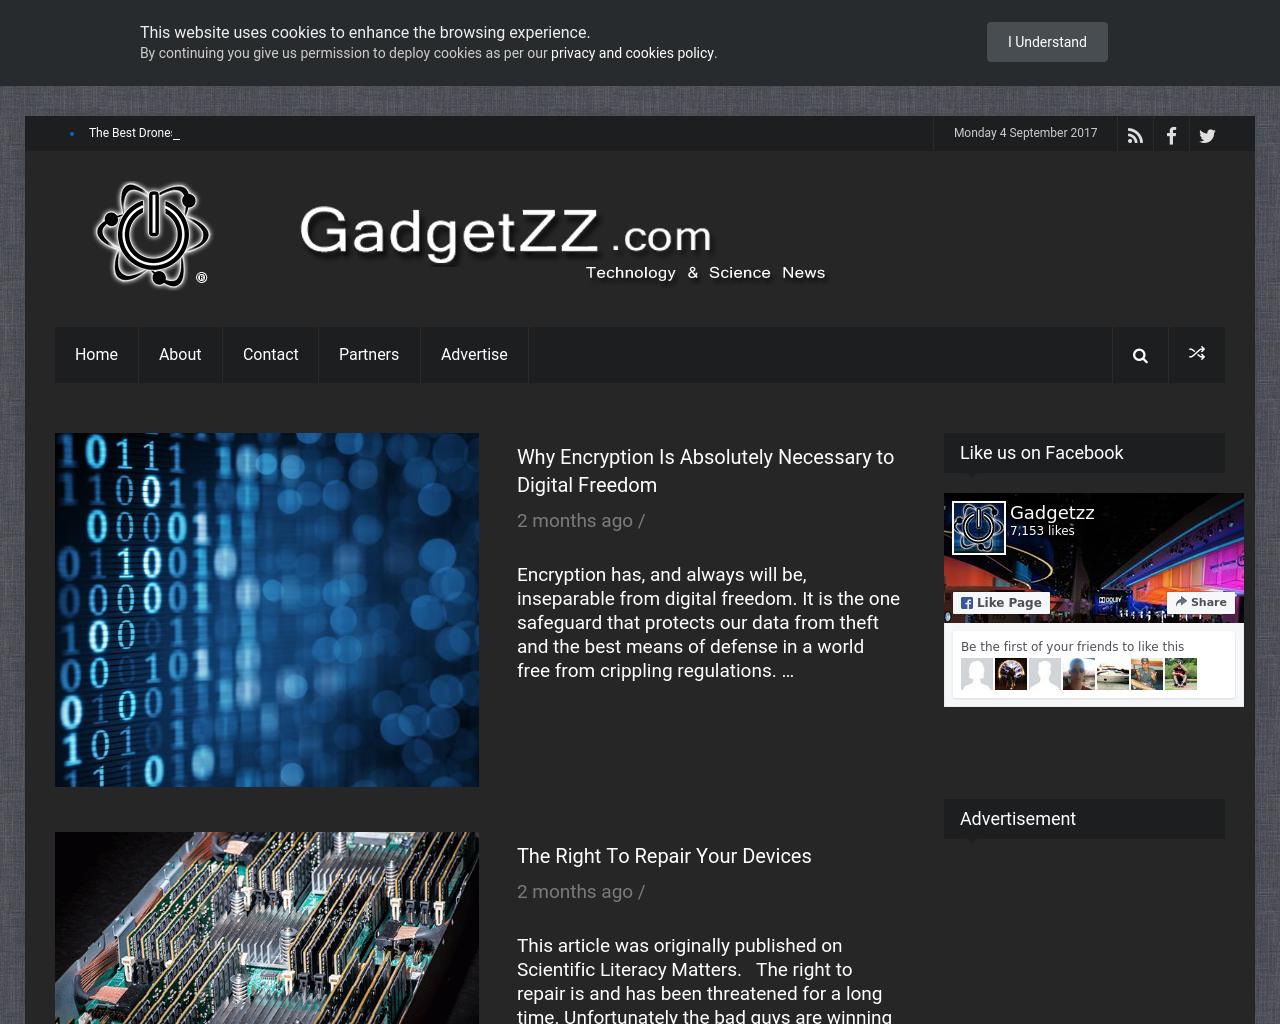 Gadgetzz.com-Advertising-Reviews-Pricing